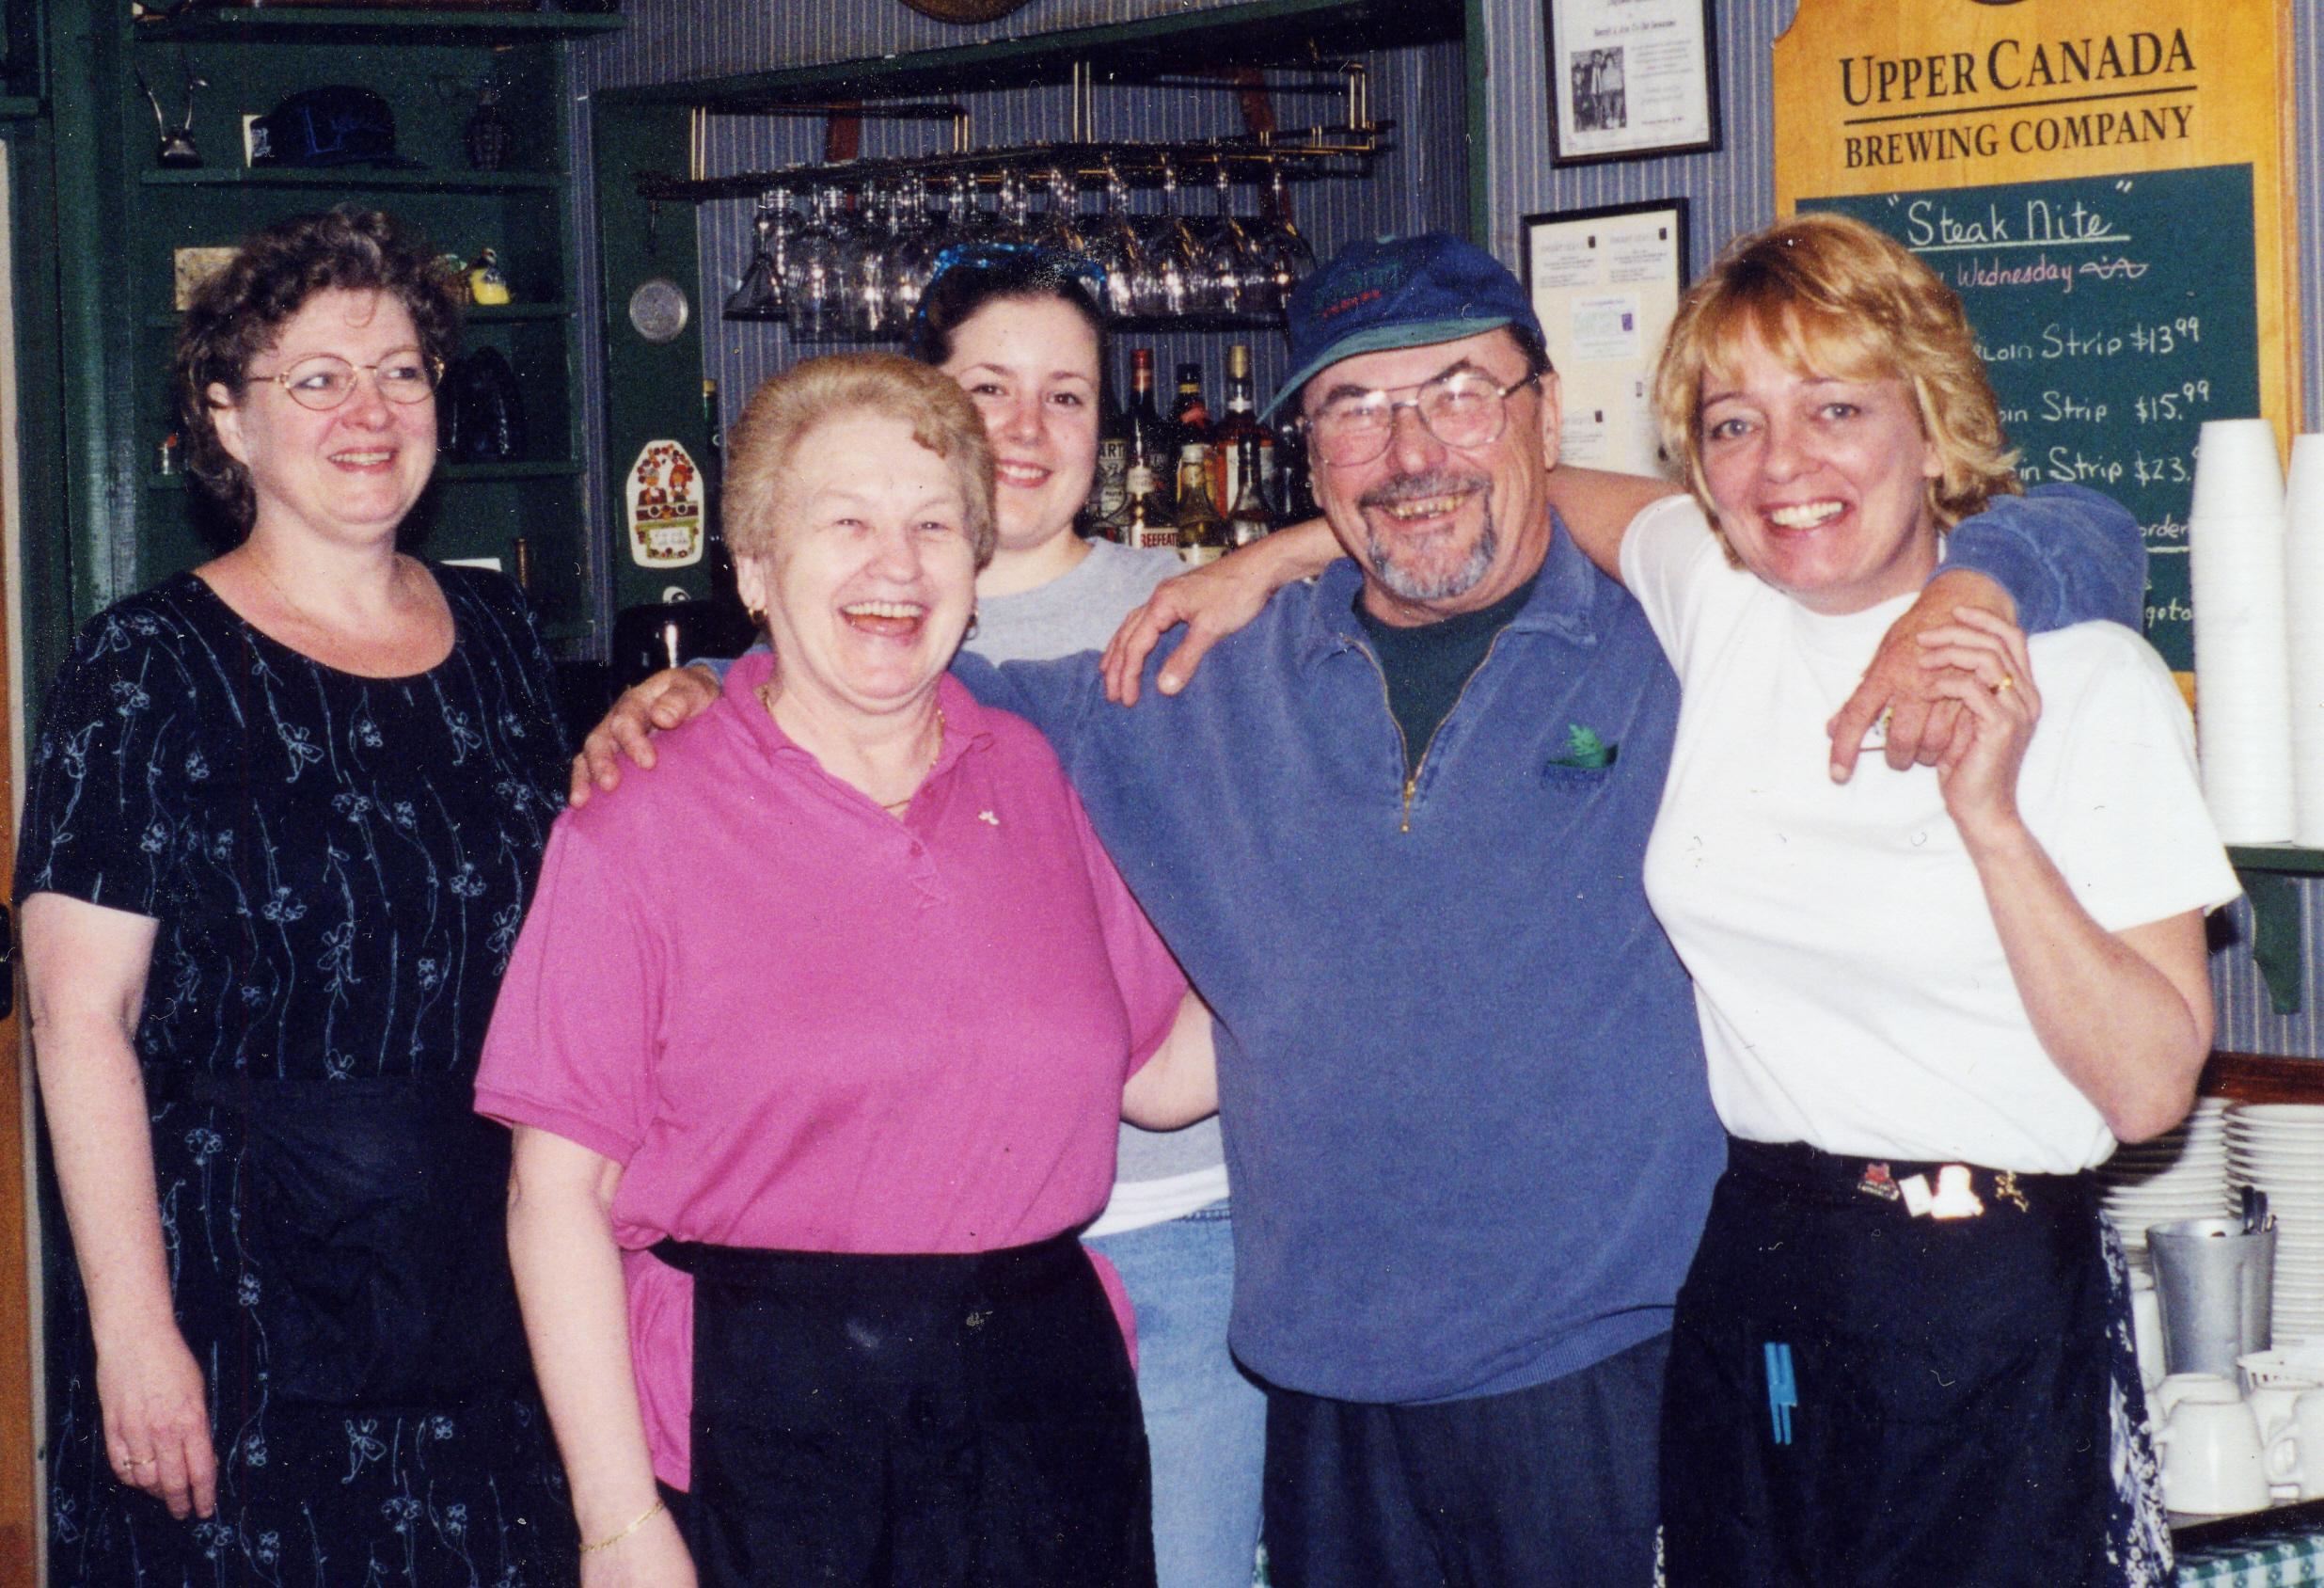 Verna, Charles, Debbie R,  Melinda, Elizabeth May 2002 Charles Bday cropped.jpg